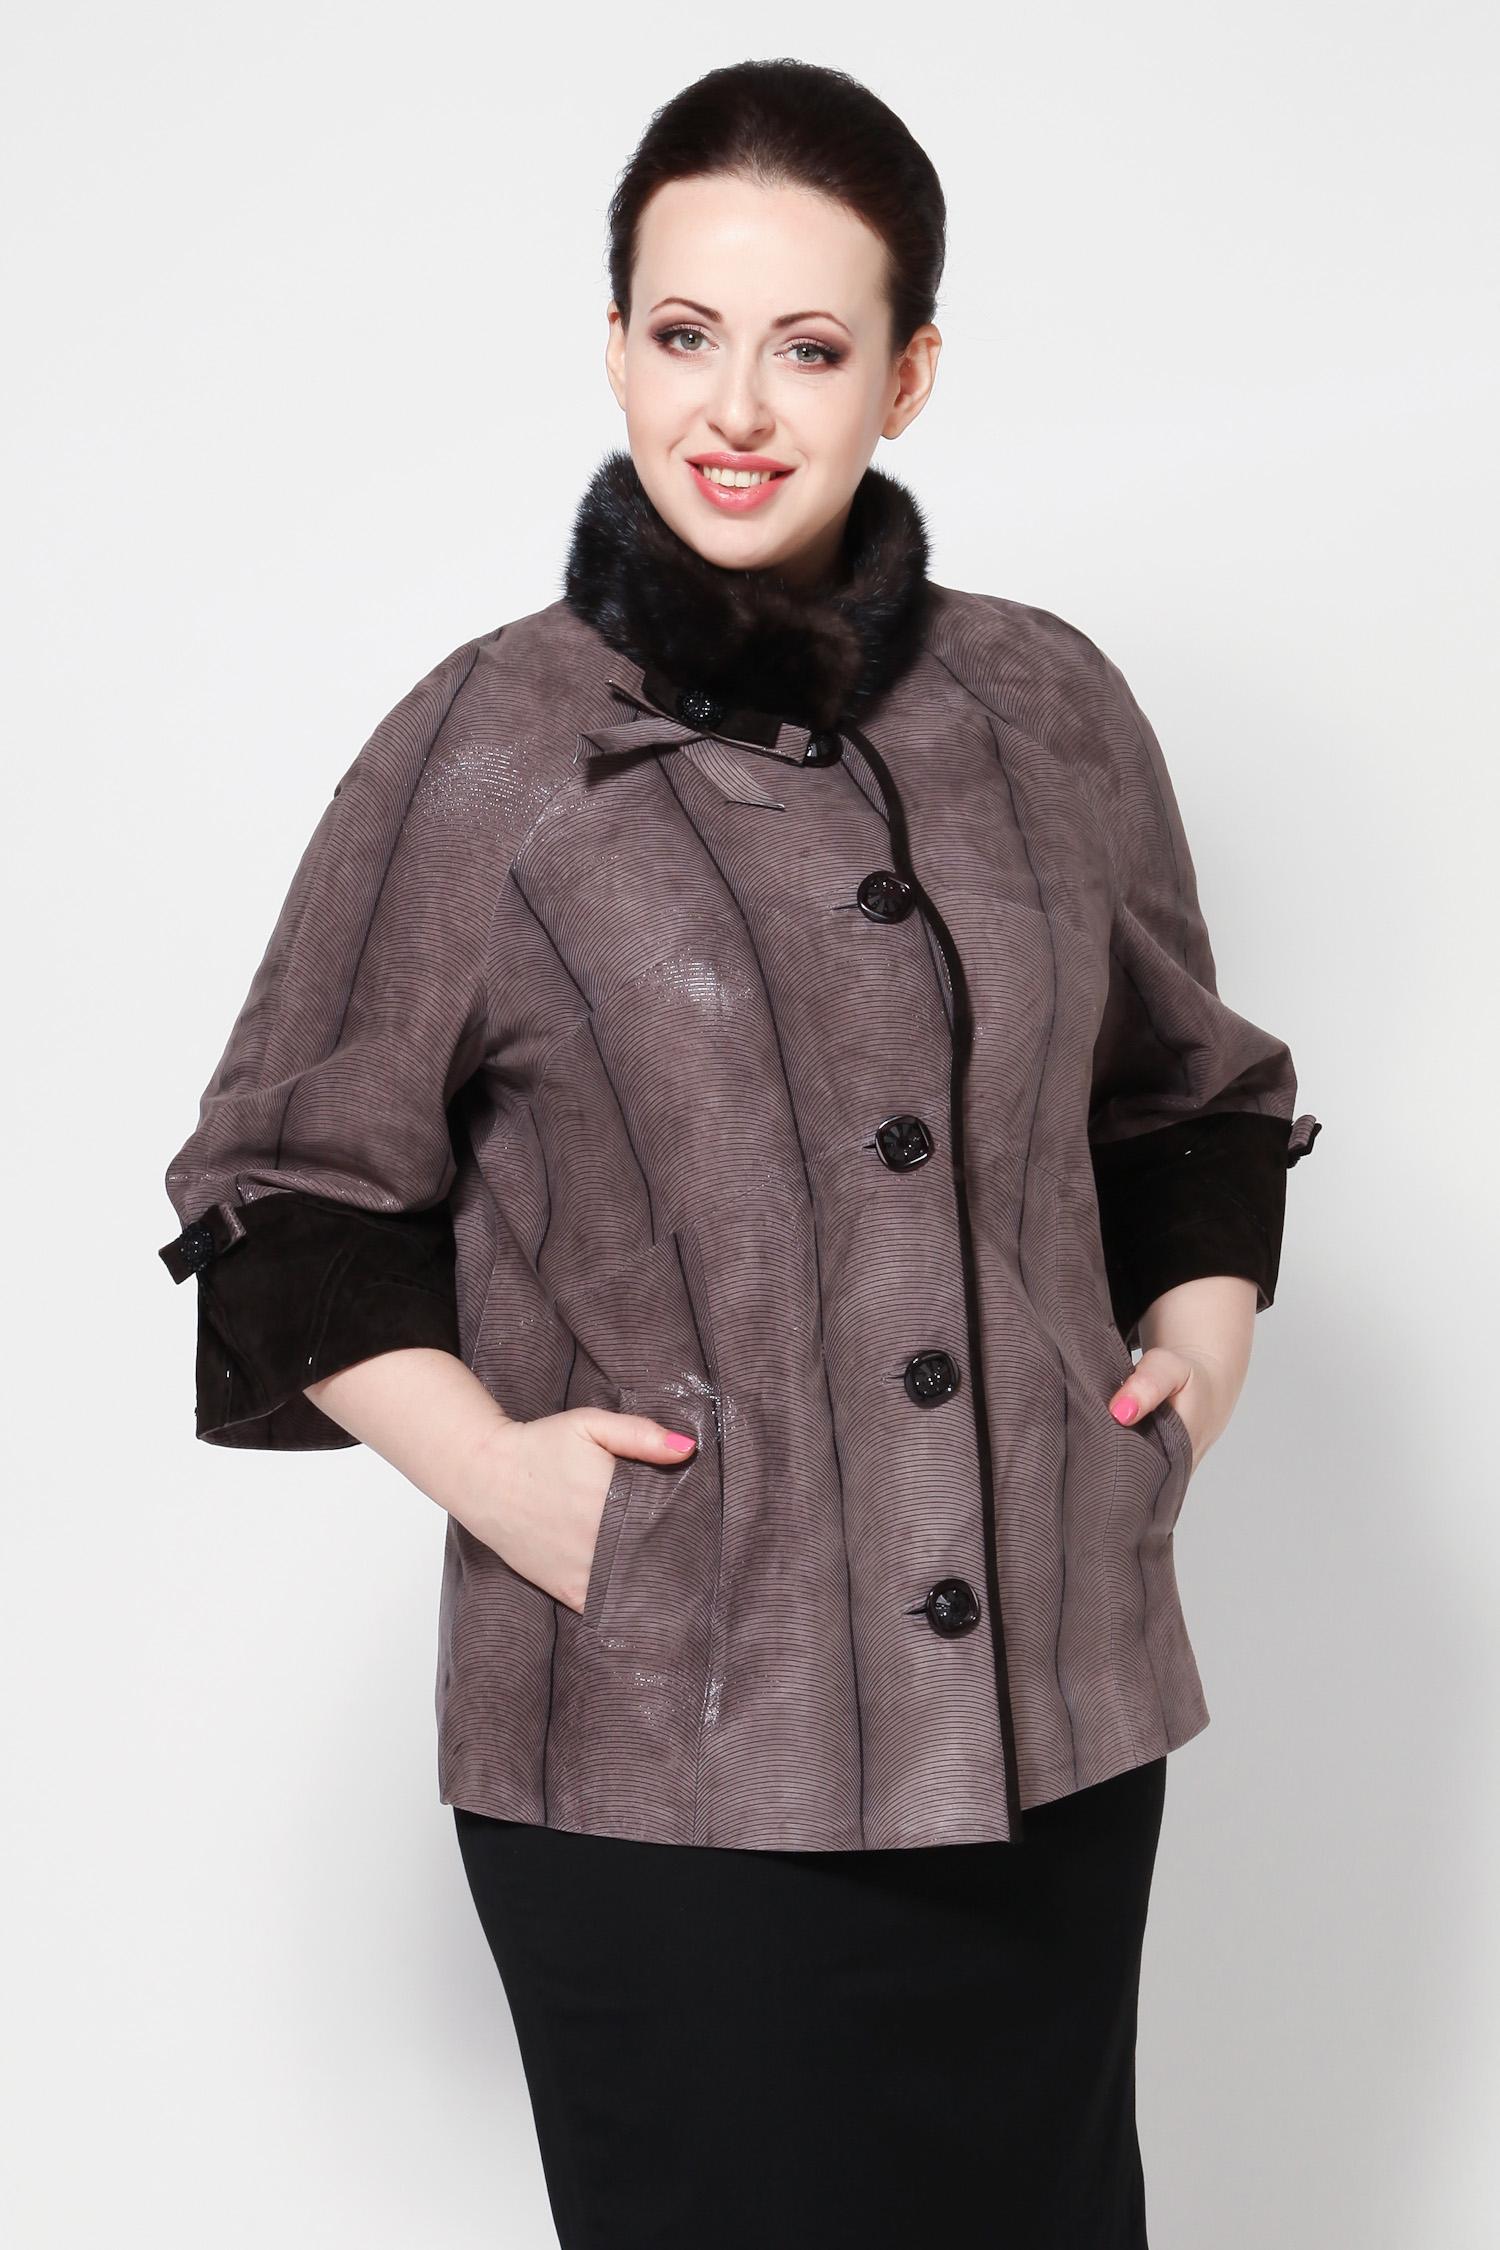 Женская кожаная куртка из натуральной замши с воротником, отделка норка<br><br>Воротник: Стойка<br>Длина см: 70<br>Материал: Замша с накатом<br>Цвет: Светло-коричневый<br>Вид застежки: Норка<br>Пол: Женский